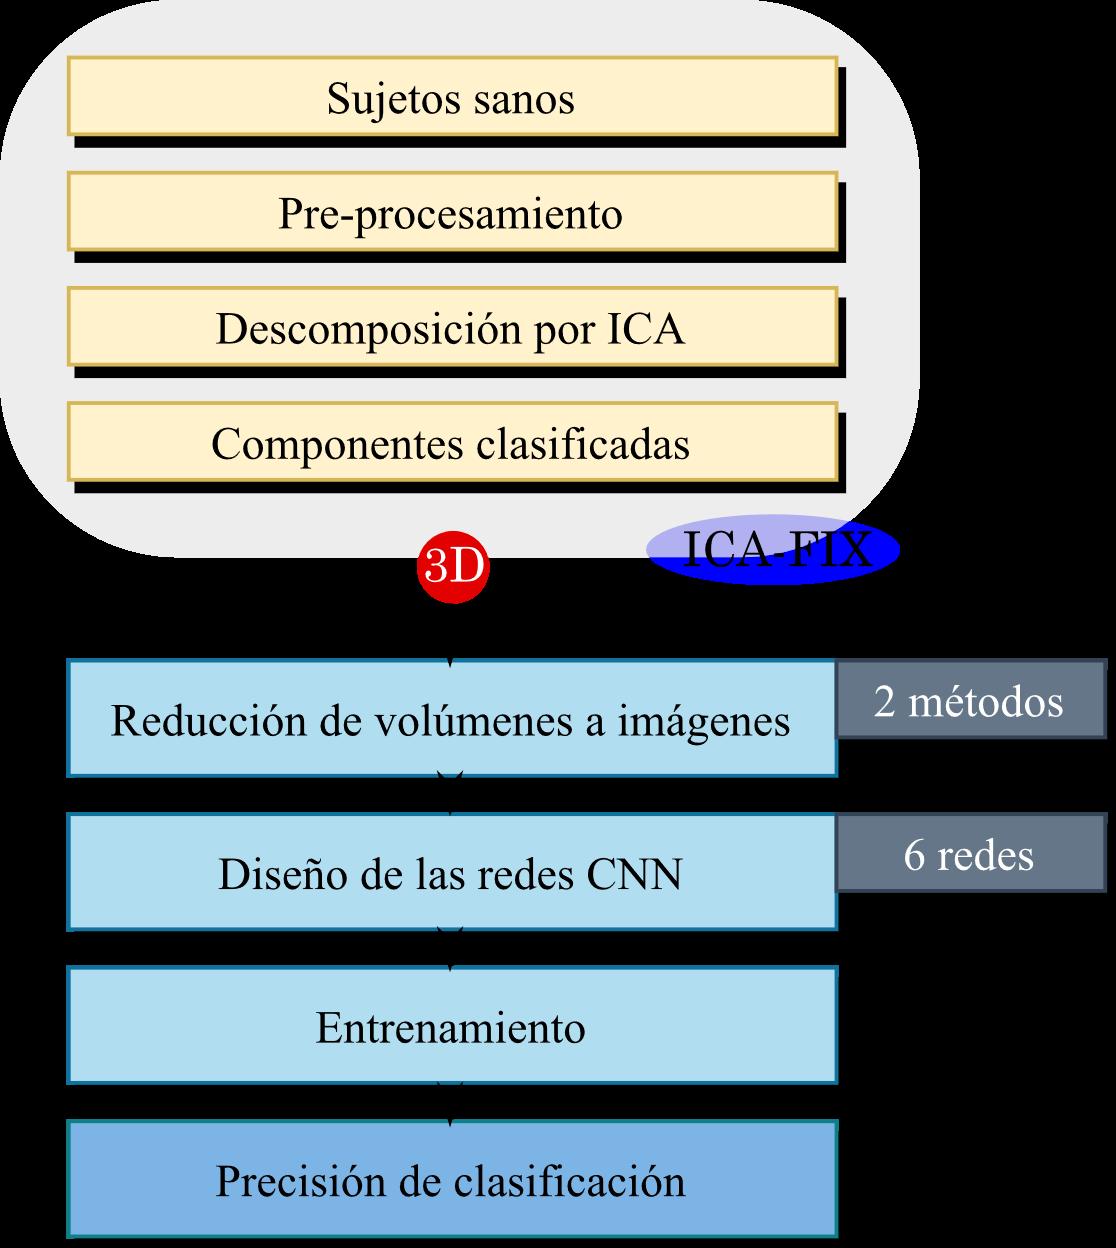 Descripción general de los diferentes pasos seguidos en la metodología